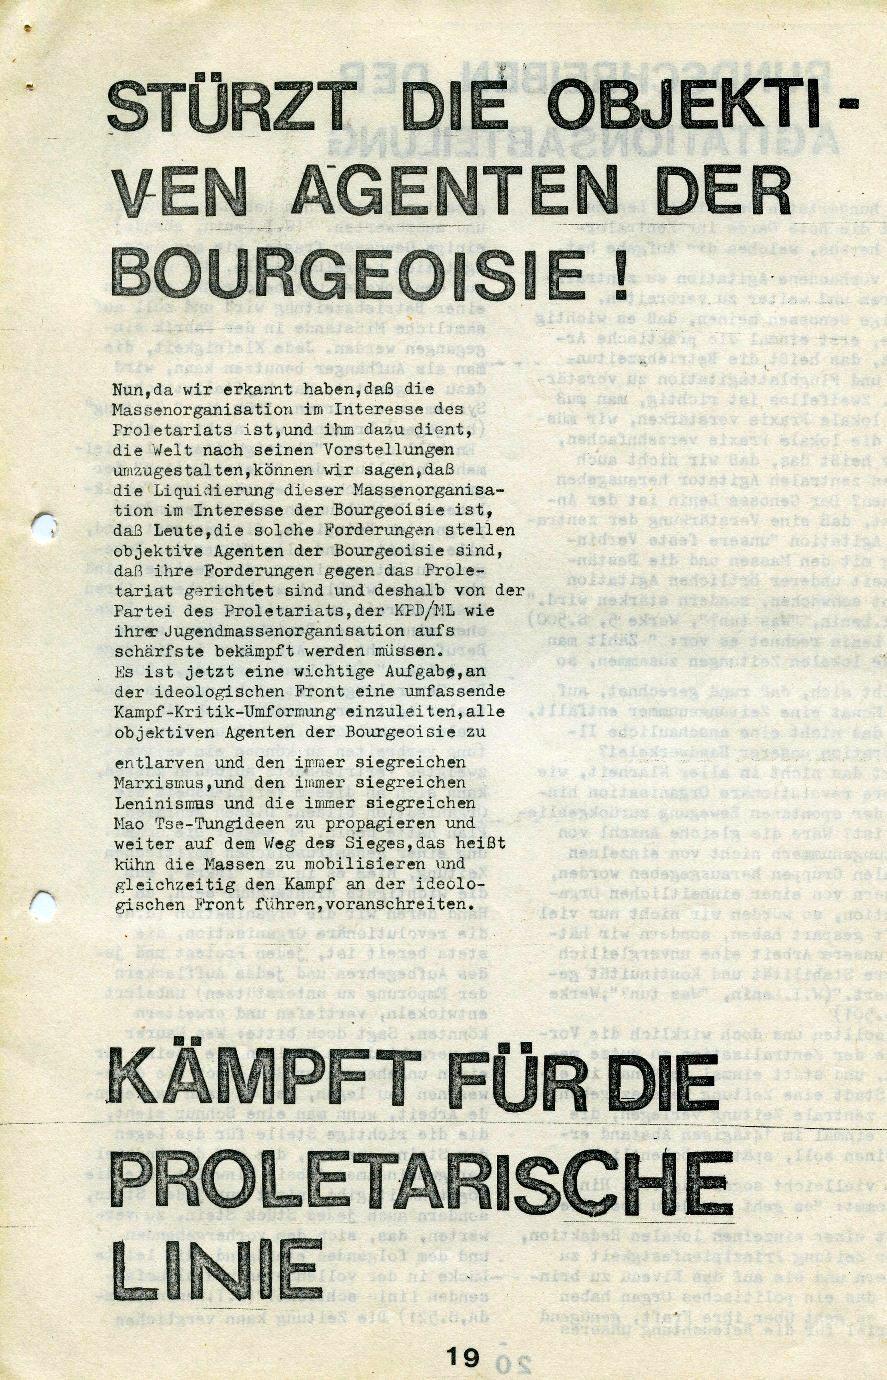 RG_Bolschewik_1970_01_019